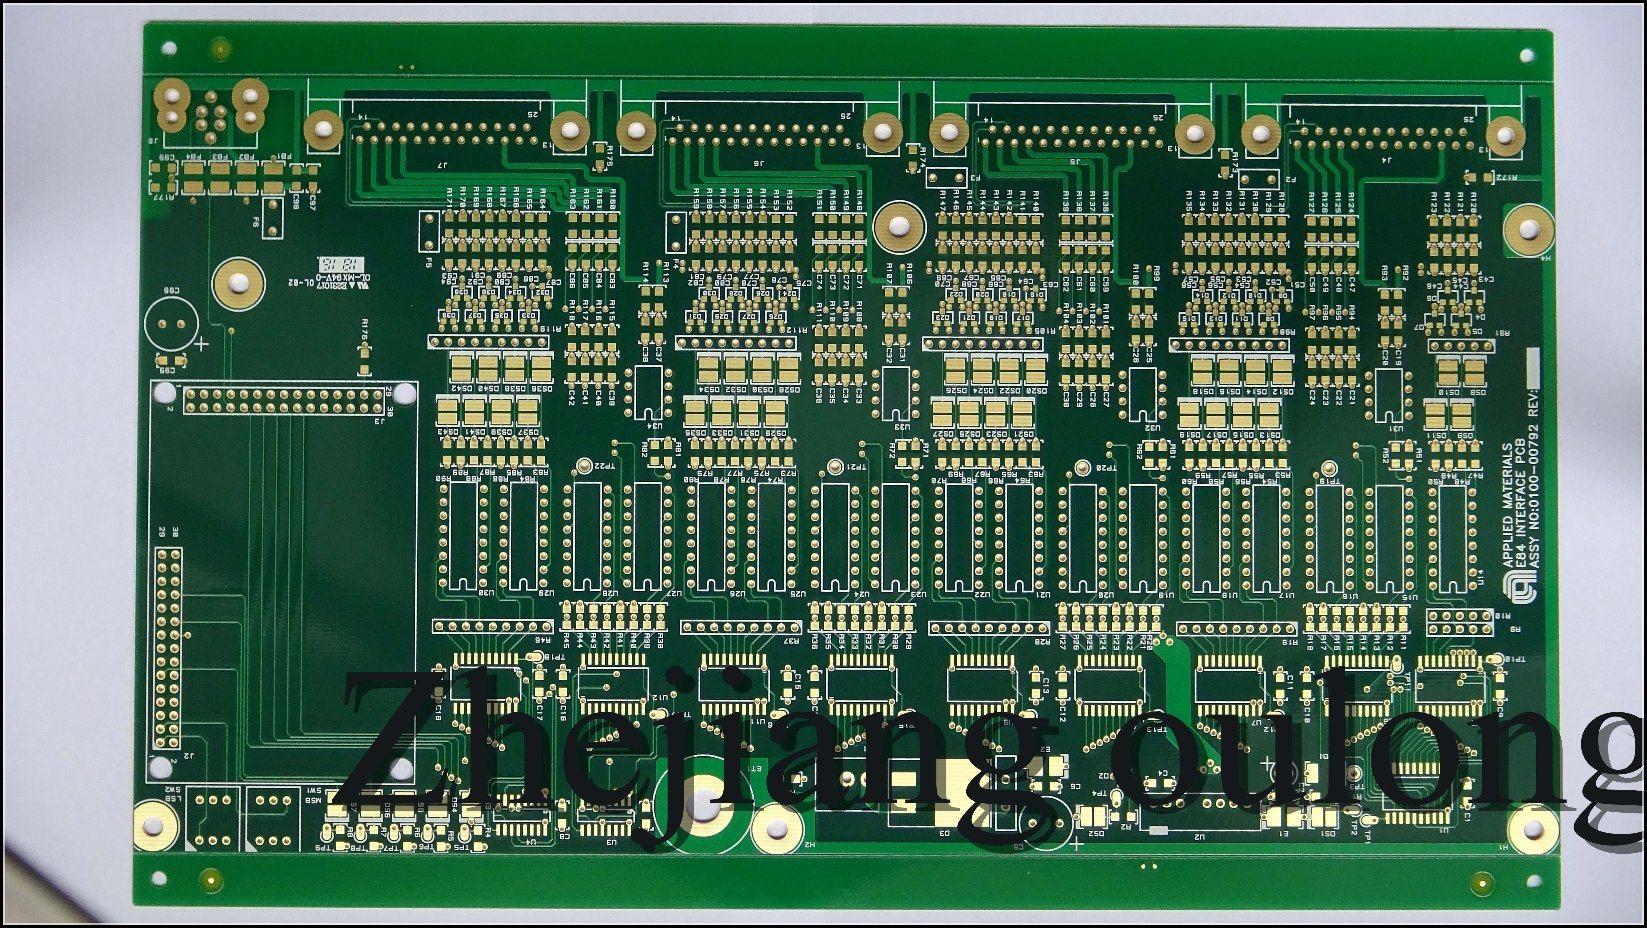 Circuito Impreso : Foto de cooper multi lay hasl placa de circuito impreso s en